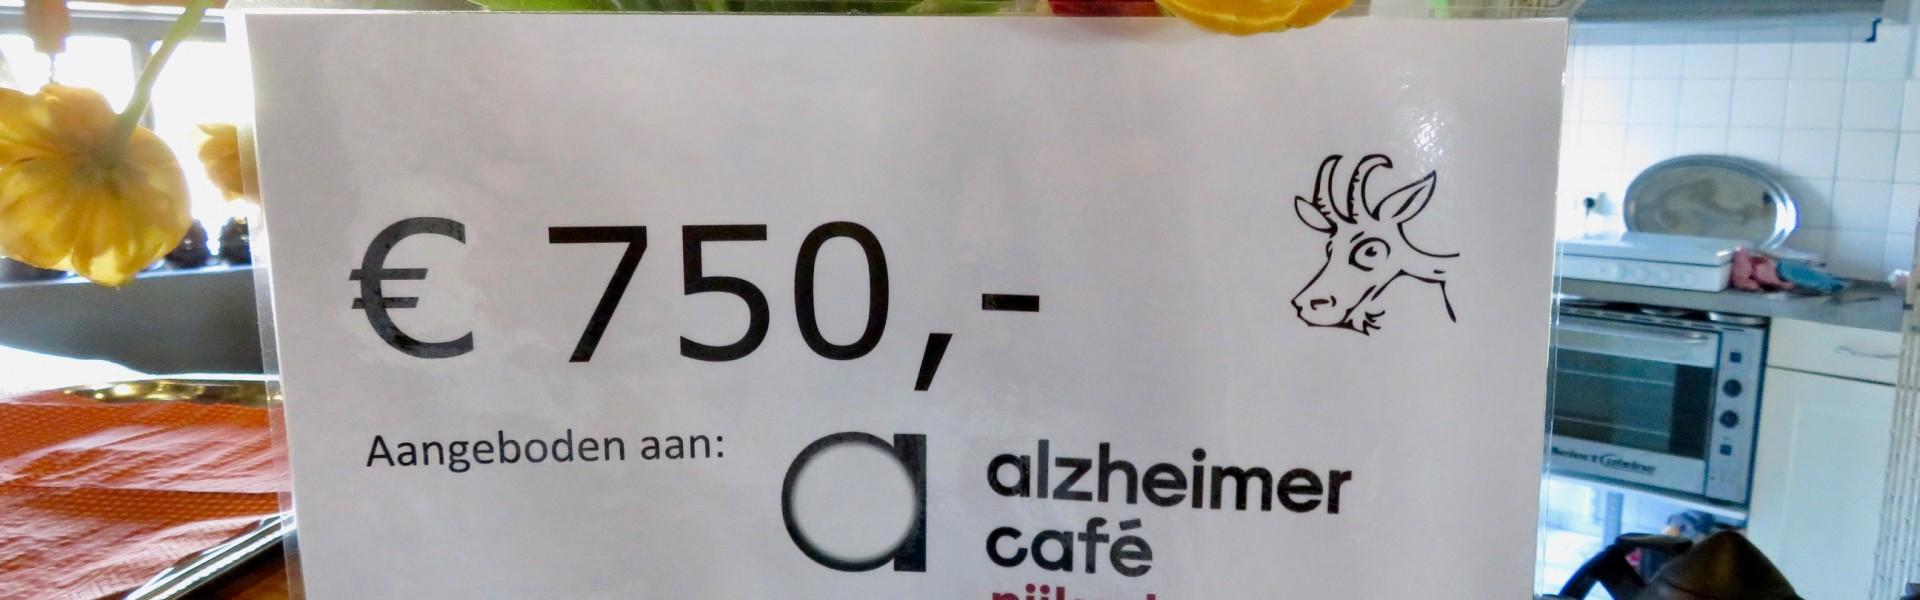 Schenking van 750 euro aan Alzheimer cafe Nijkerk en wandelgroep Natuurlijk Bewegen